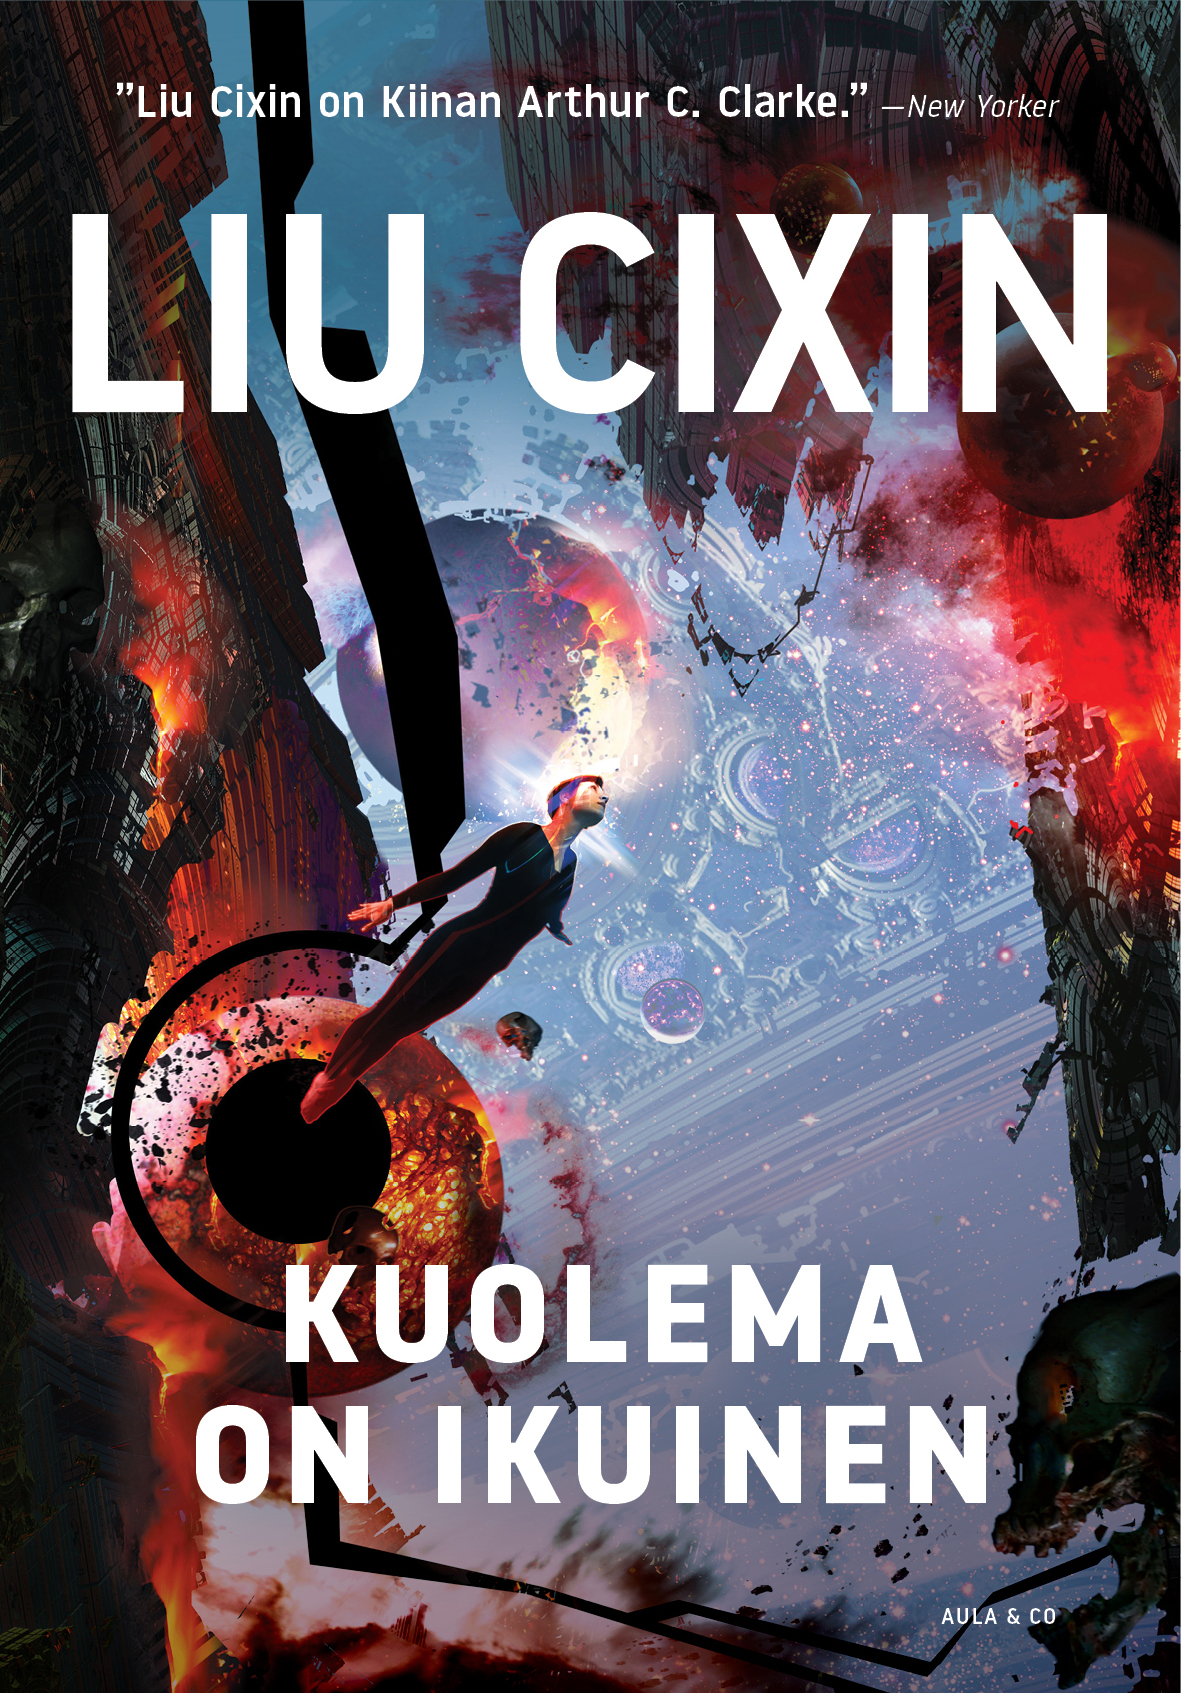 Liu Cixin Kuolema on ikuinen